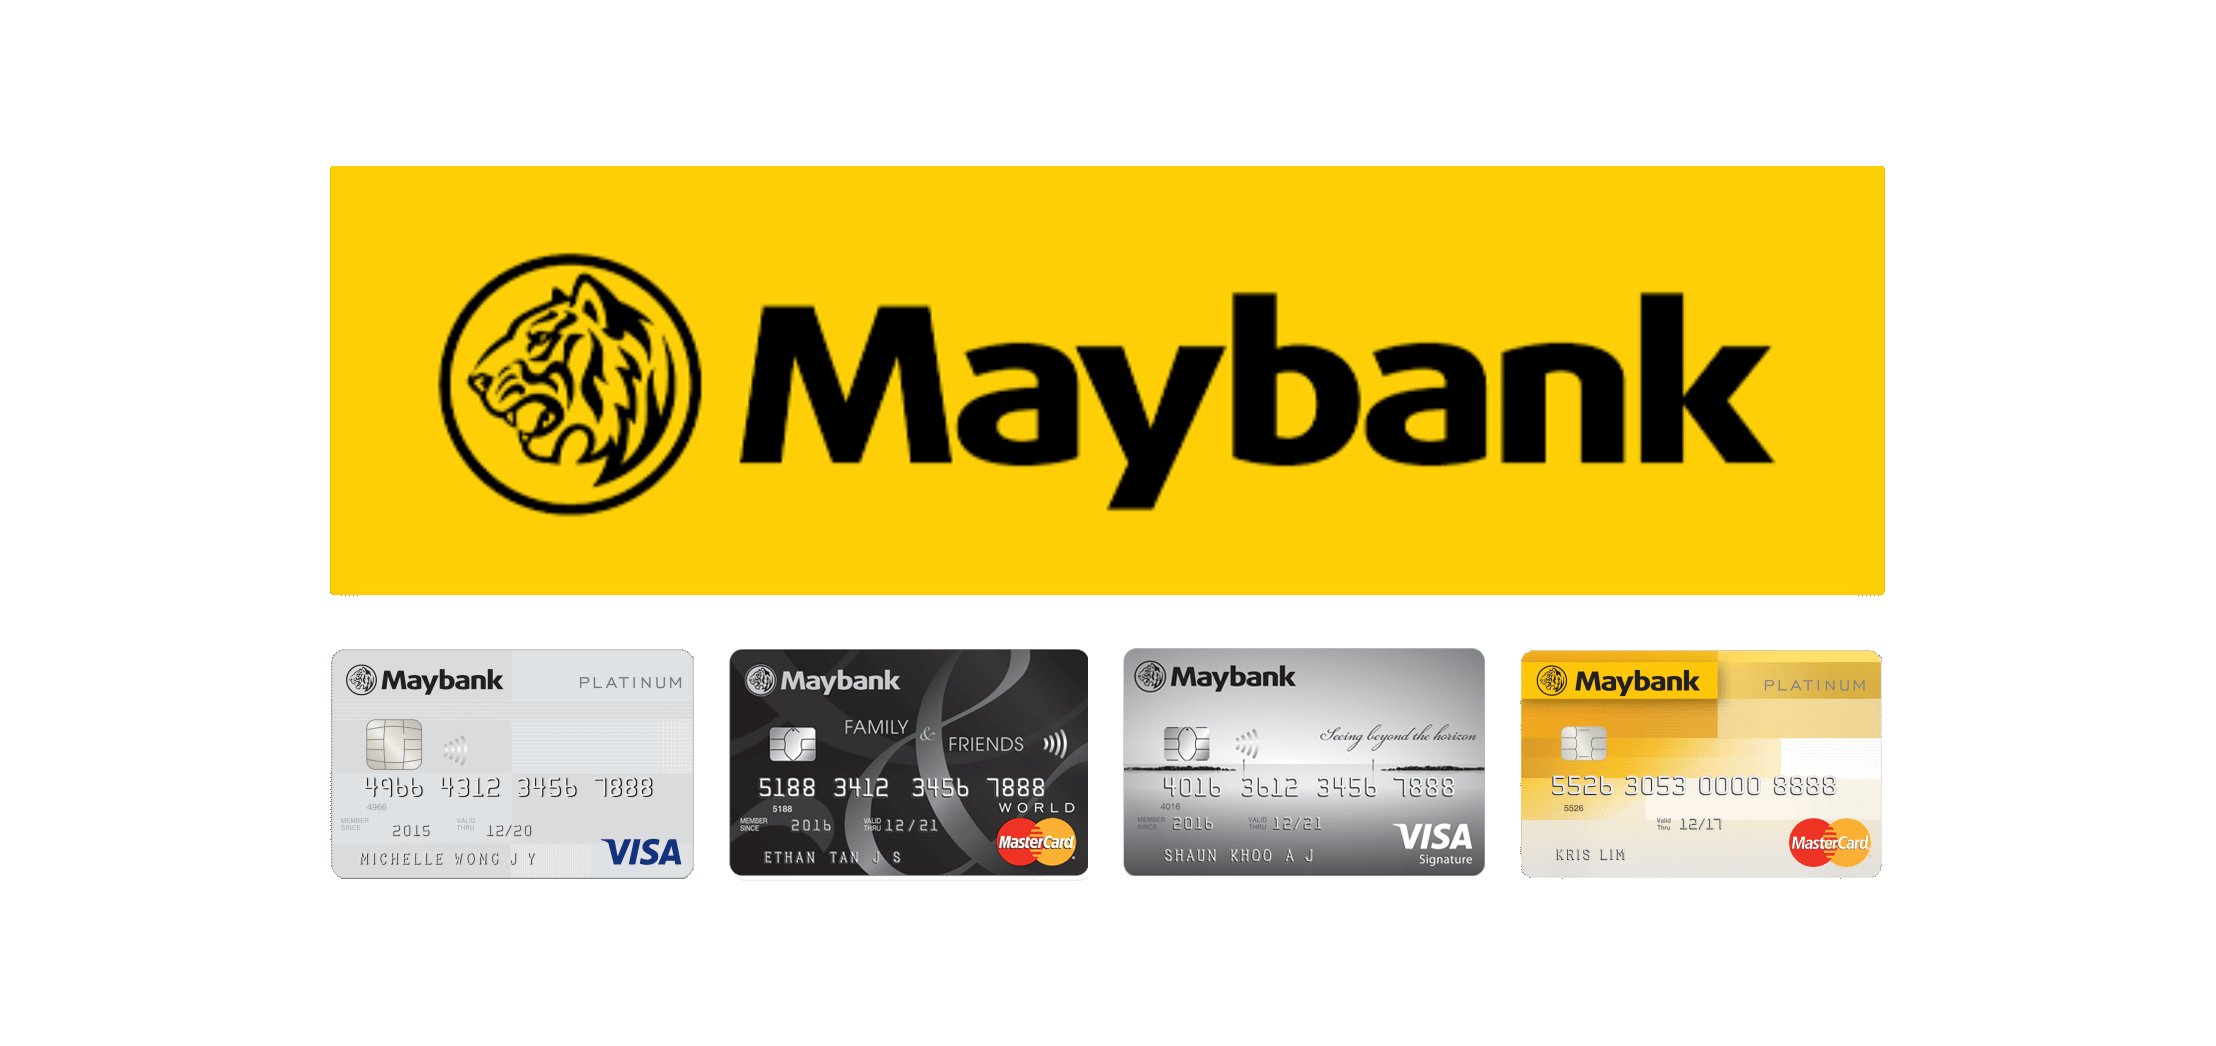 Maybank Card Faces